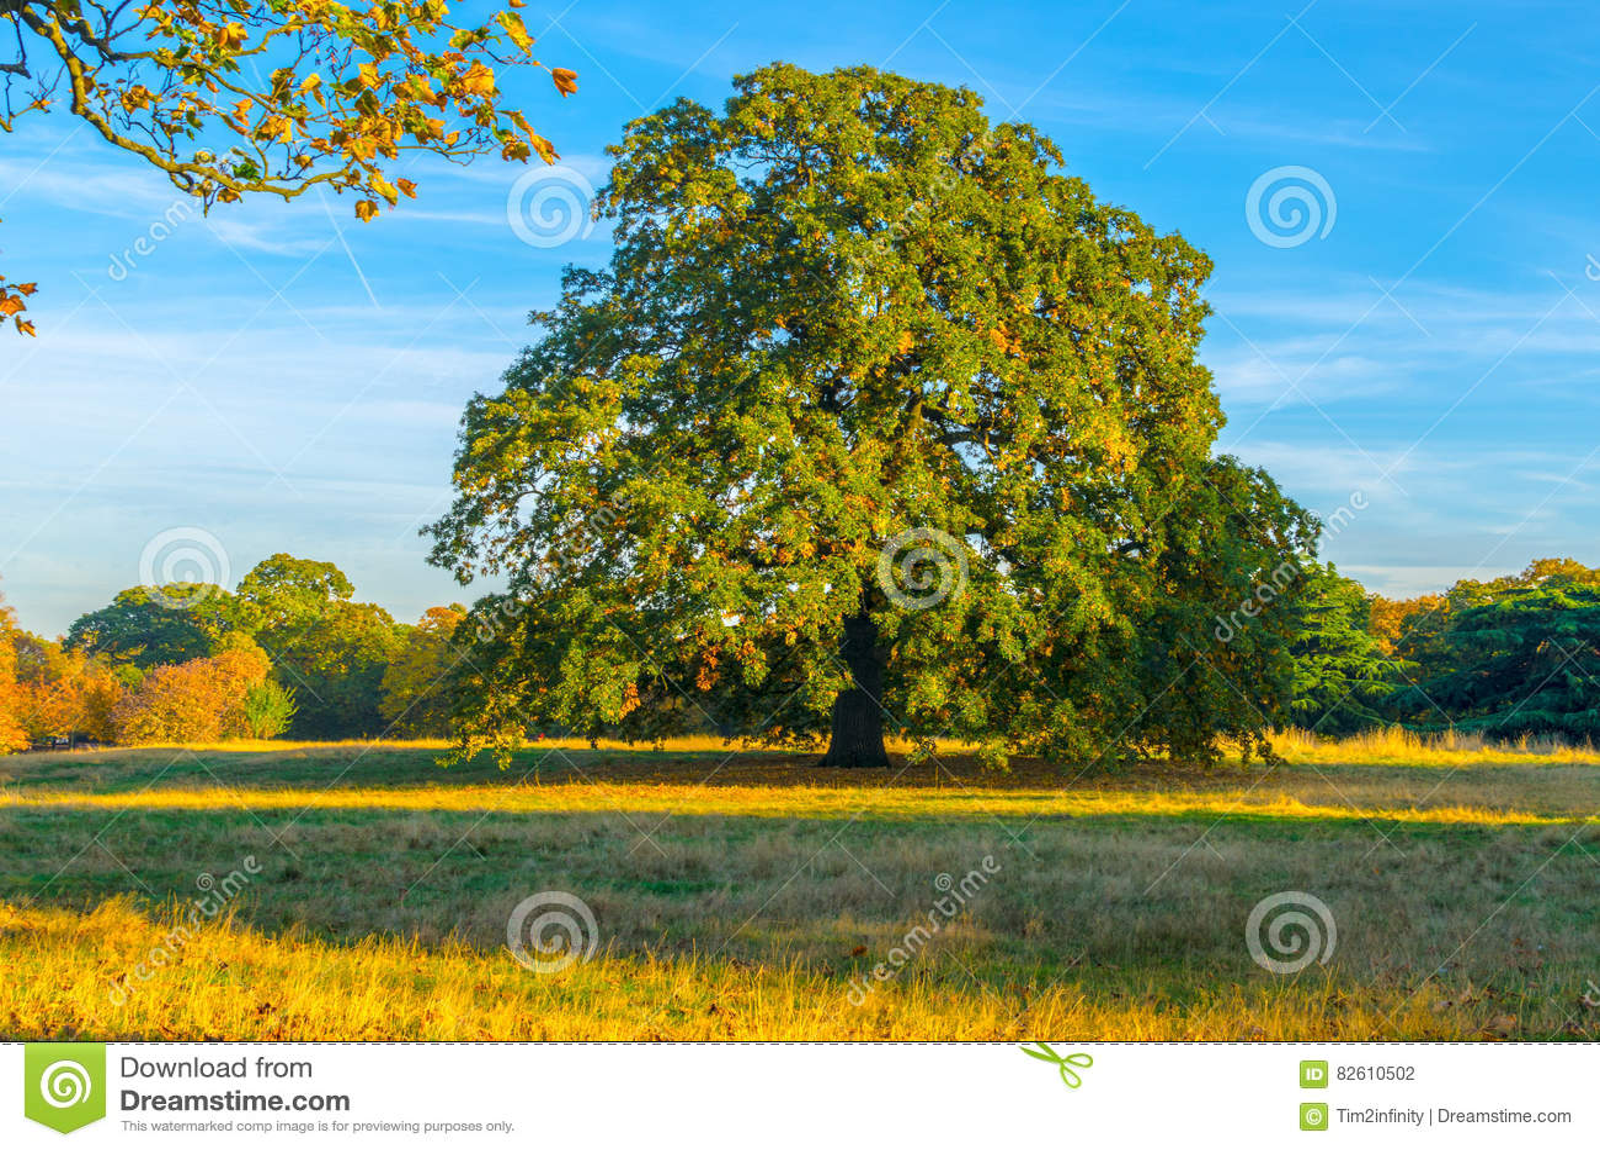 Δέντρο κάστανων σε ένα δασόβιο πάρκο το φθινόπωρο